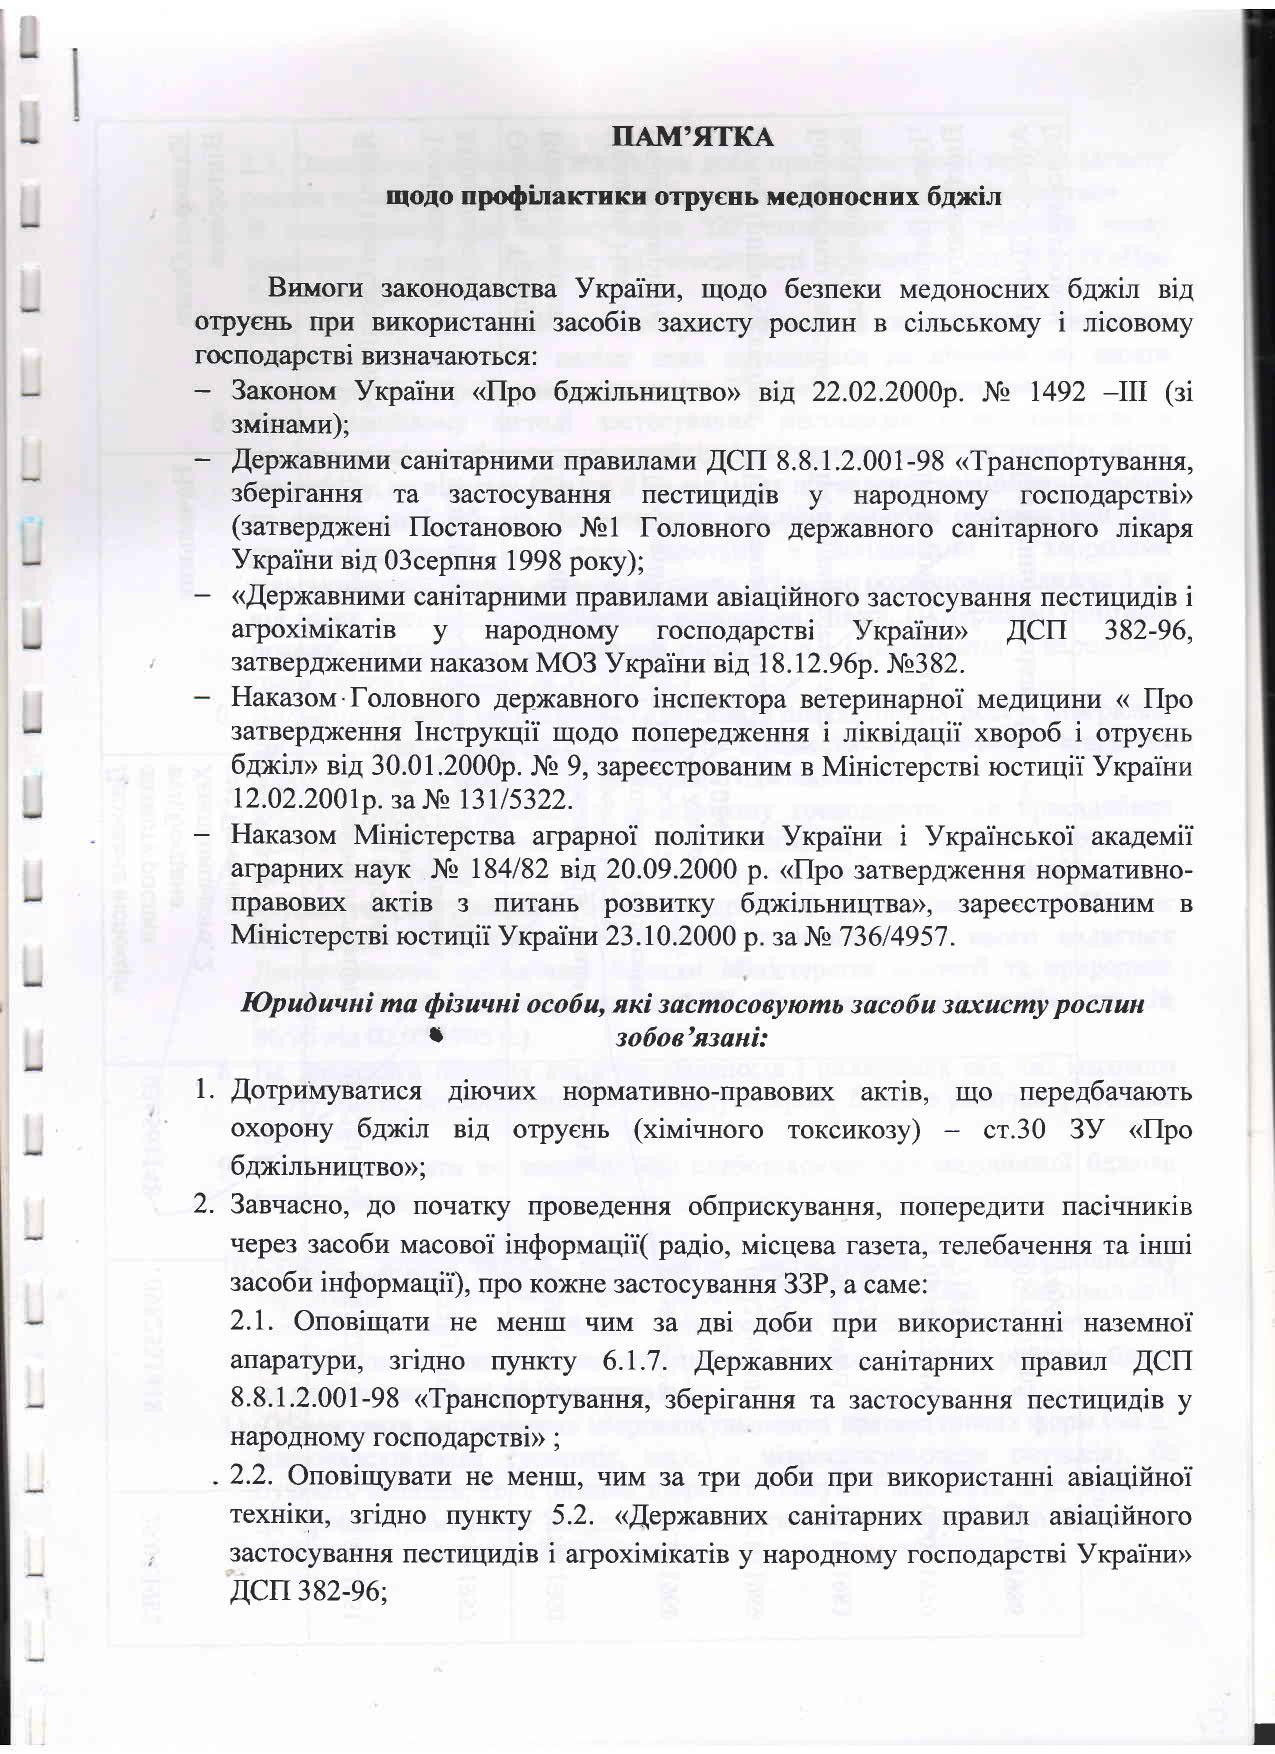 ПАМЯТКА-1_2